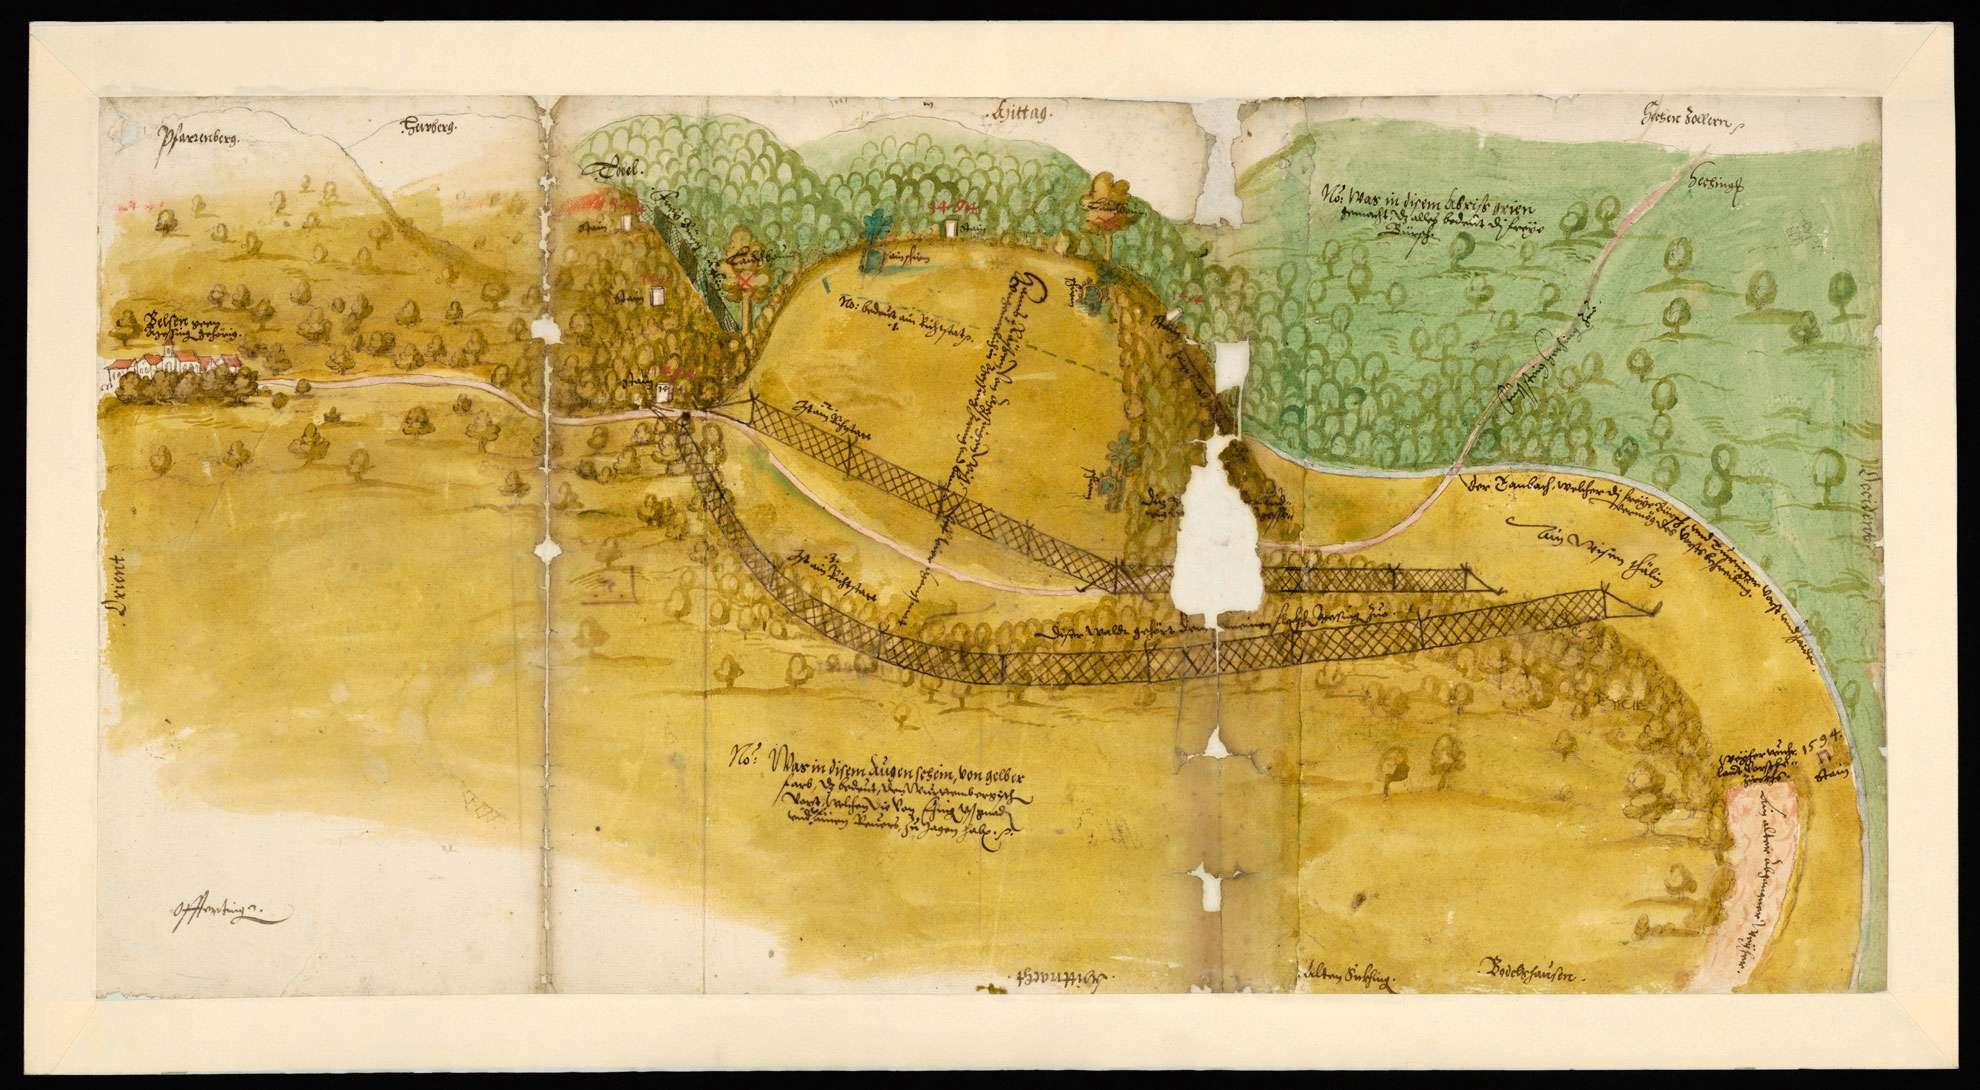 [Karte der strittigen Grenze zwischen dem württembergischen Tübinger Forst und der Freien Pirsch im Gebiet Belsen-Mössingen], Bild 1